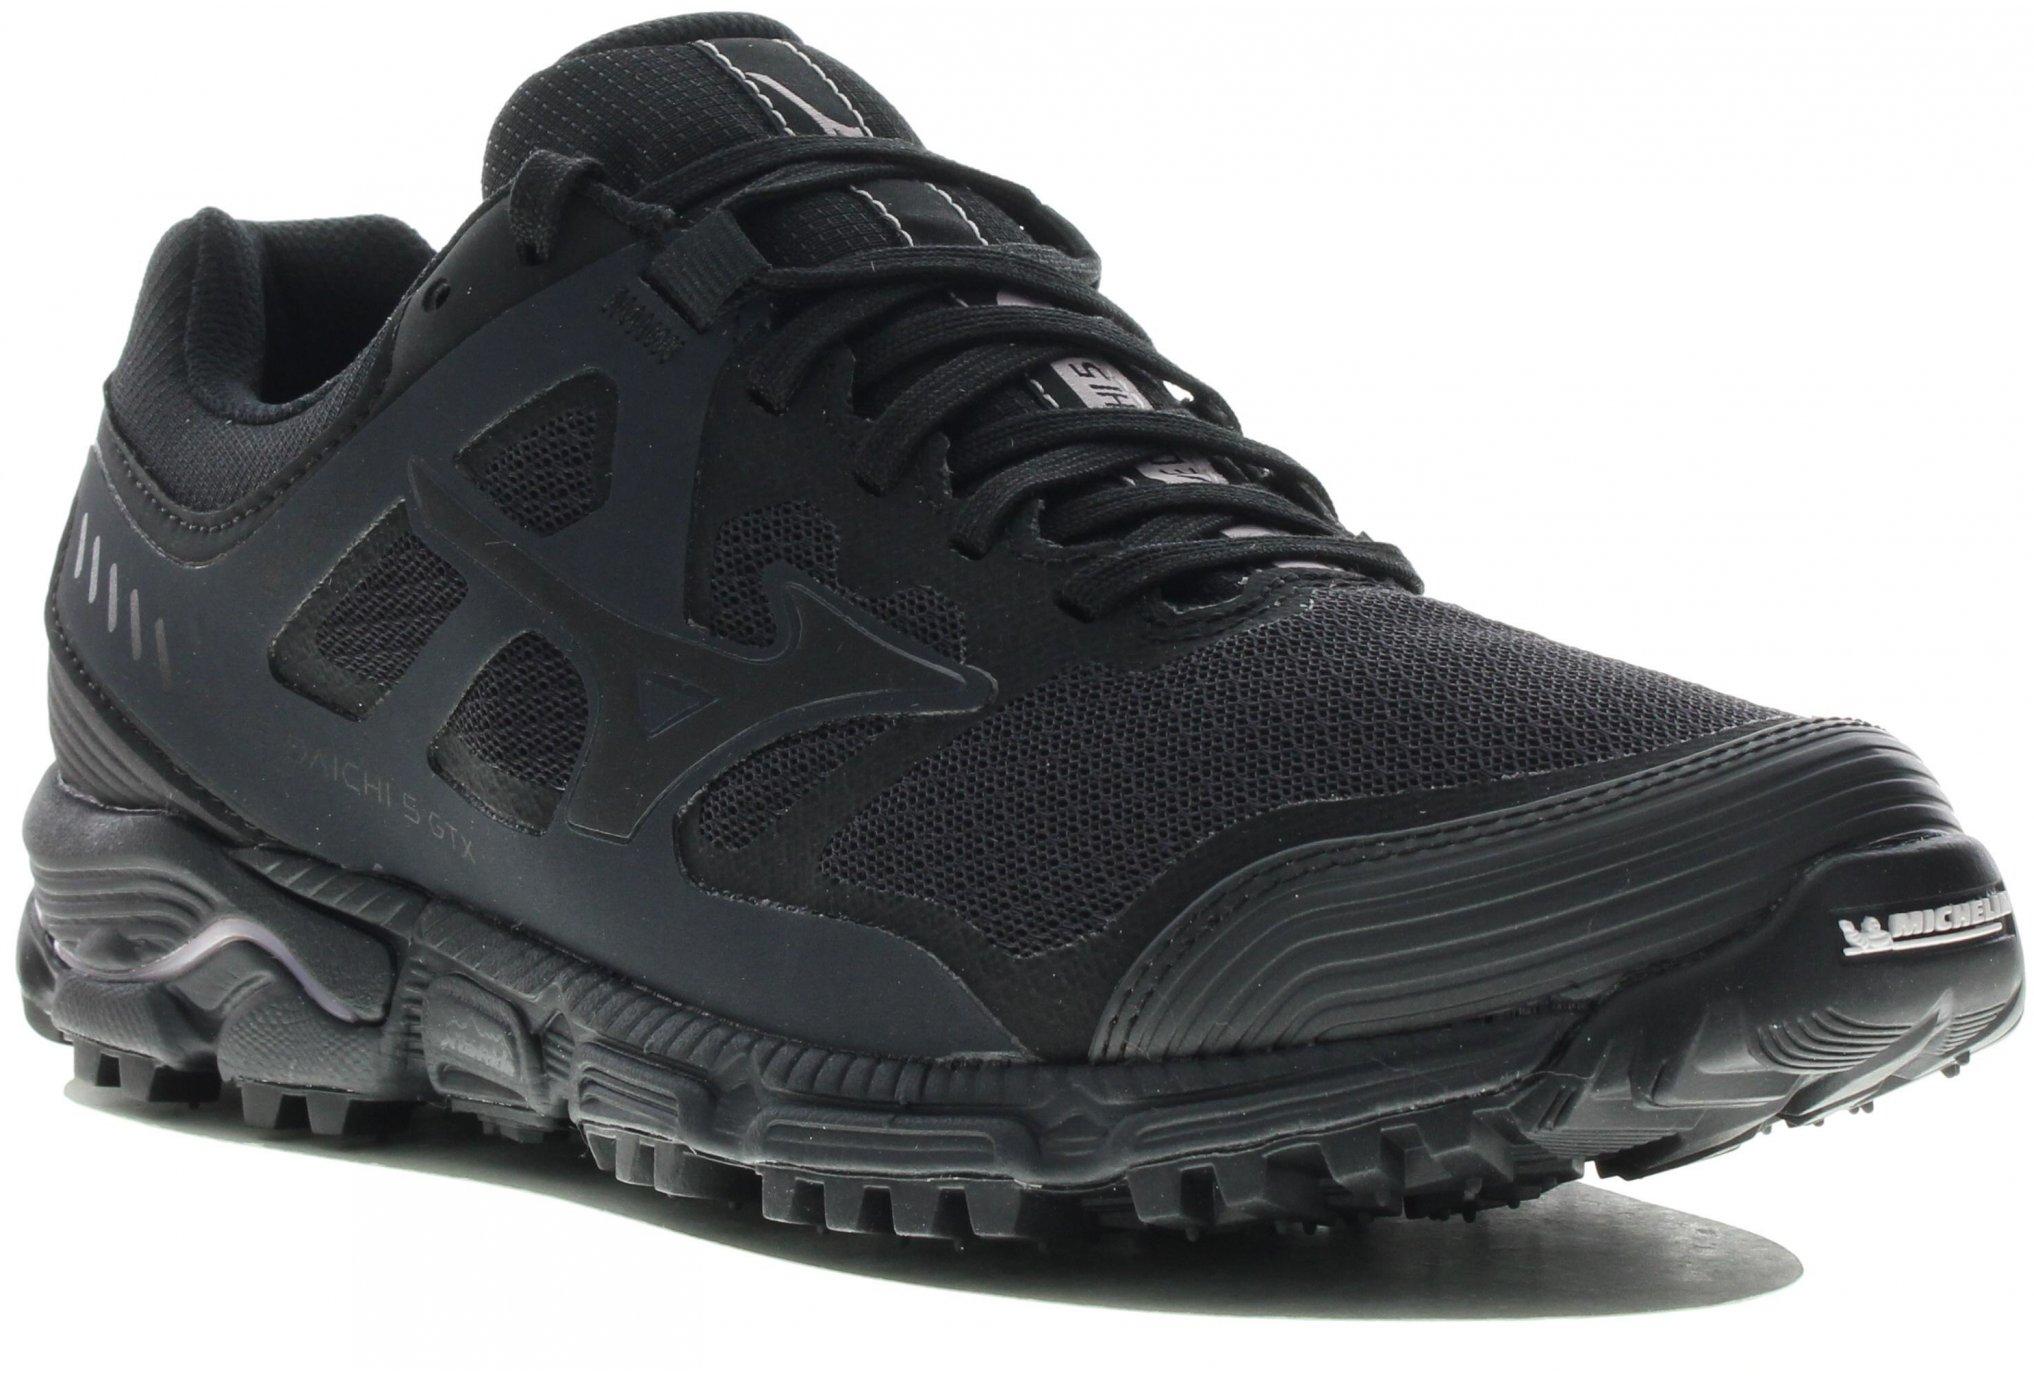 Mizuno Wave Daichi 5 Gore-Tex Chaussures running femme